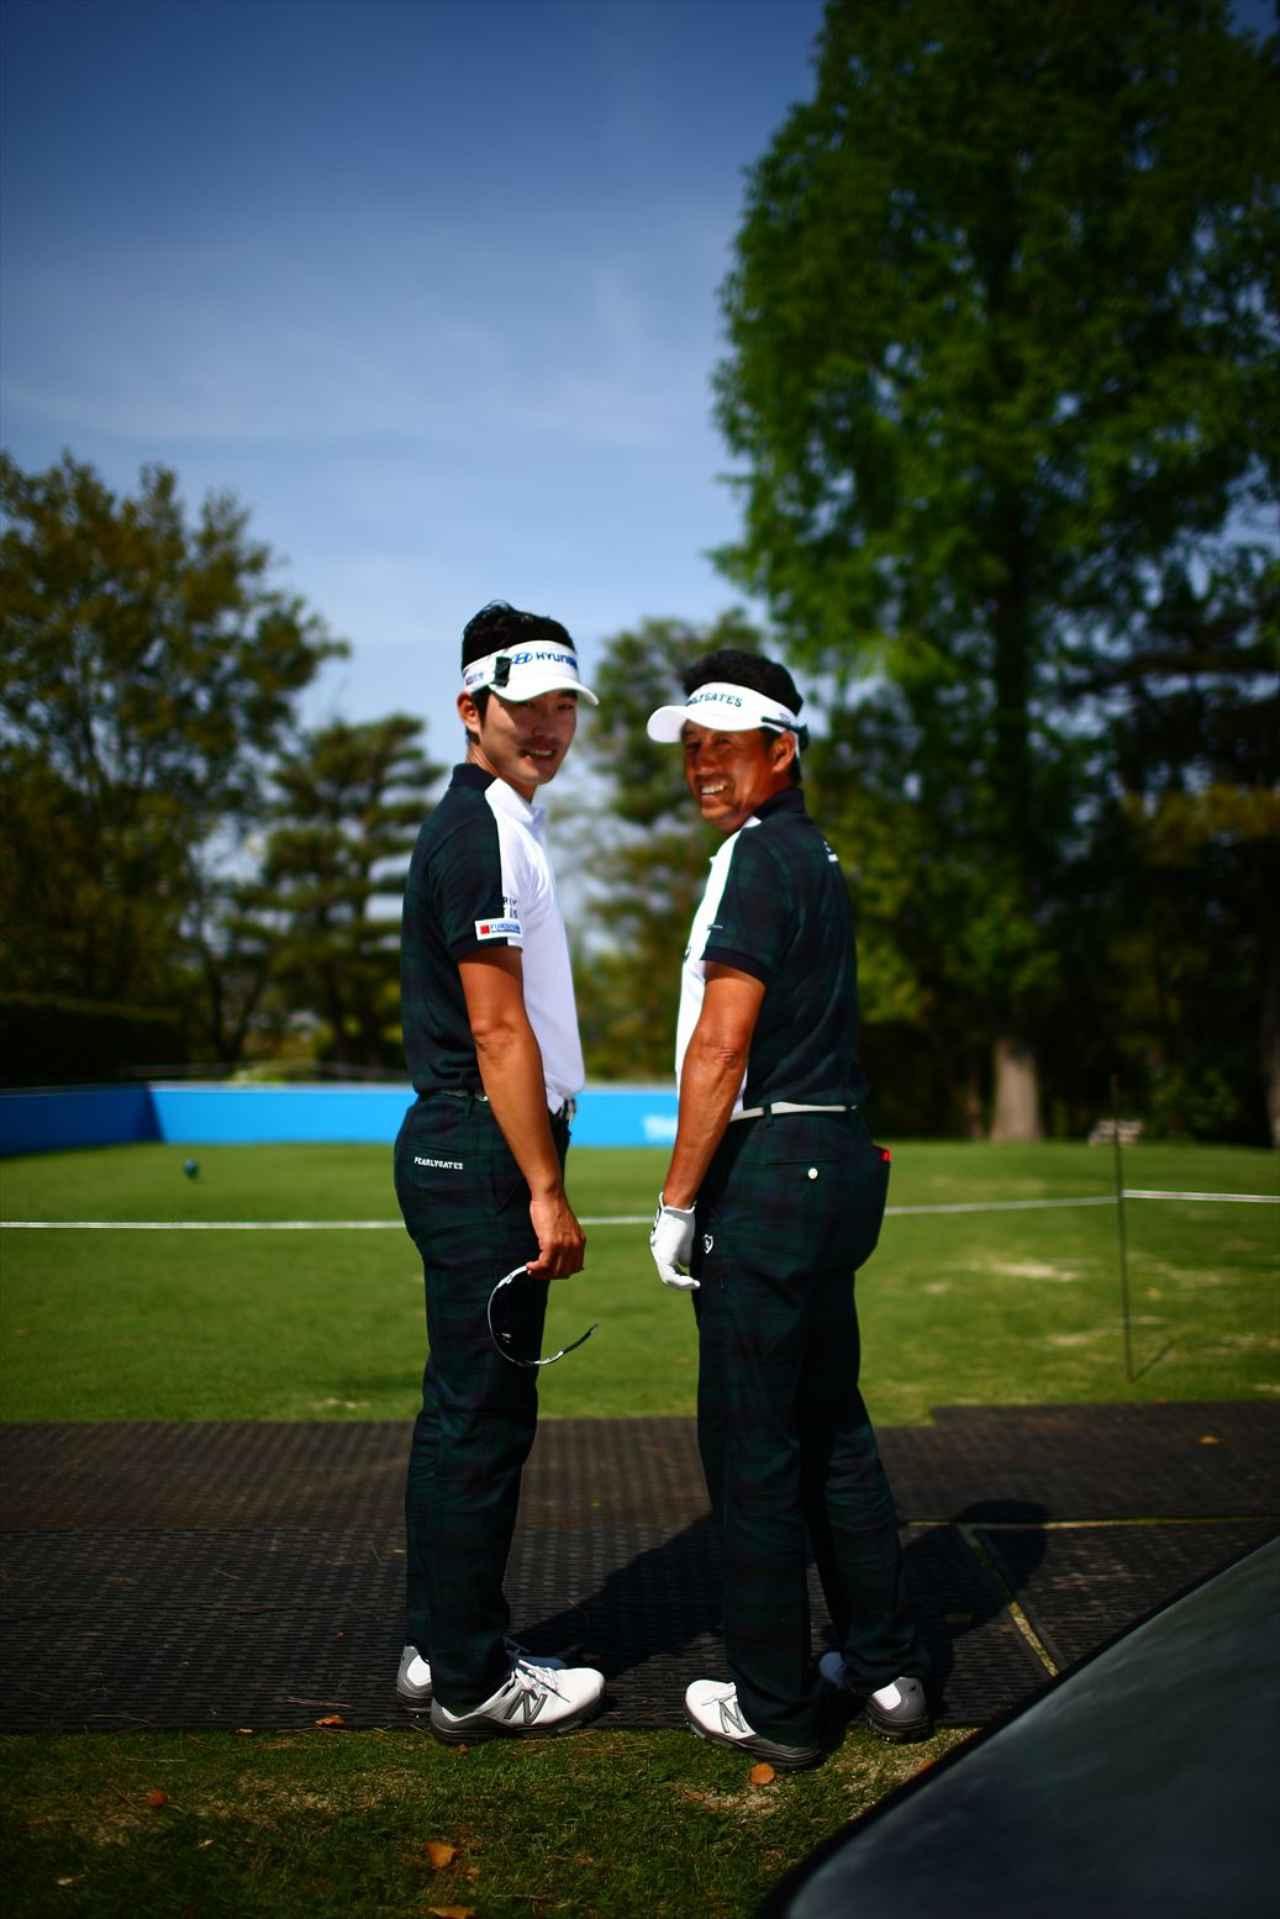 画像: 右はチームSERIZAWA率いる芹澤信雄選手、左はイケメン実力派ののキム・ヒョンソン選手。